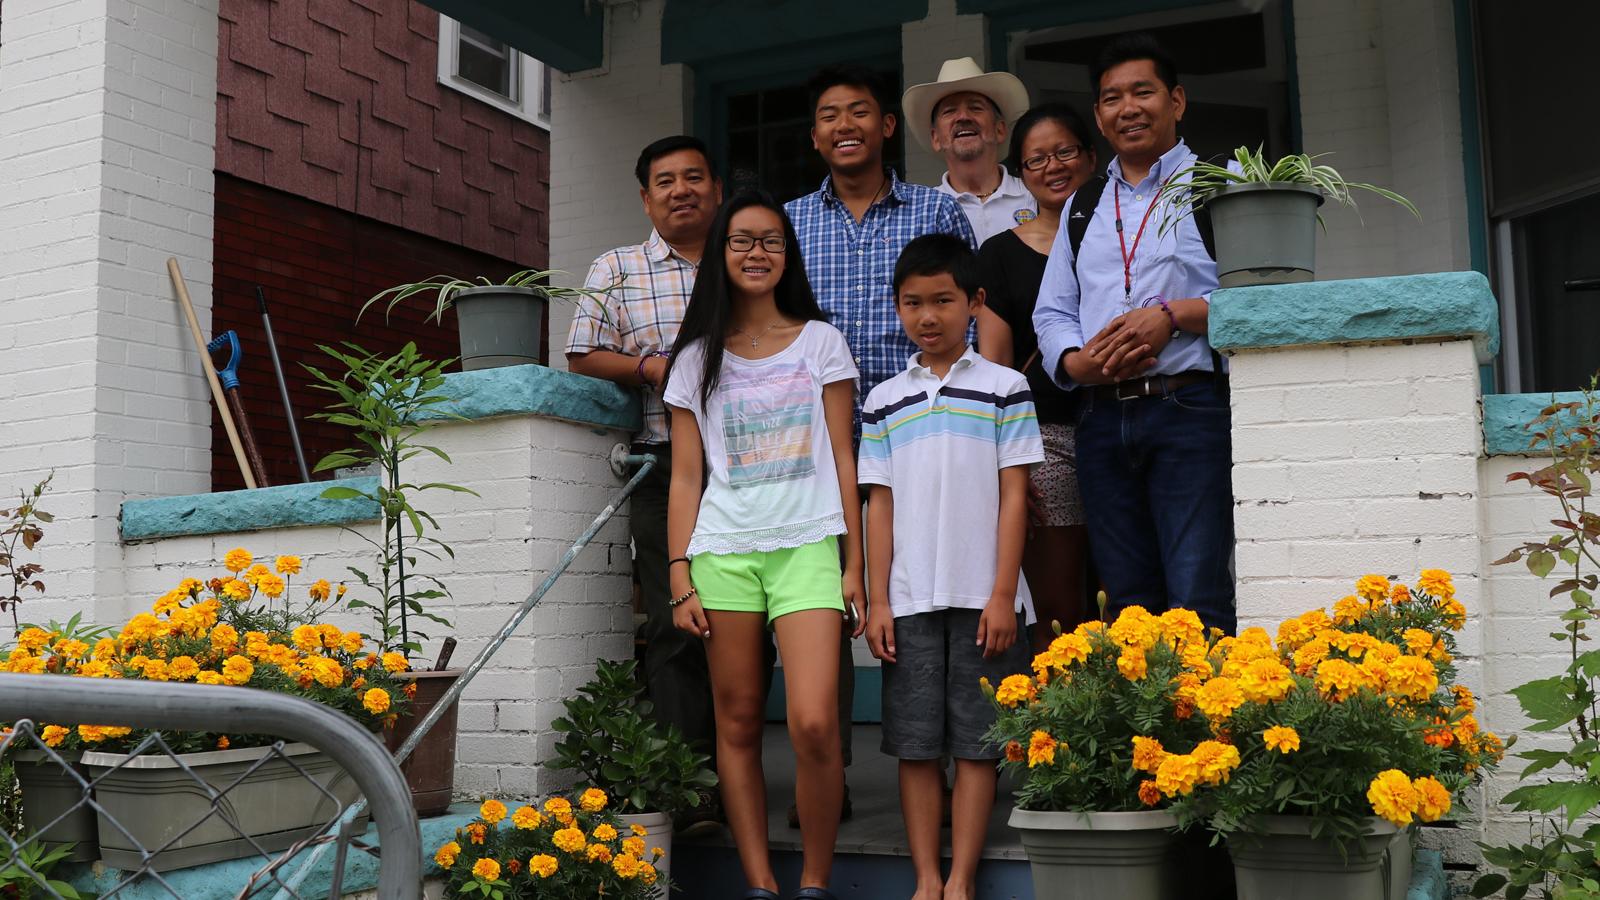 The Tran Family